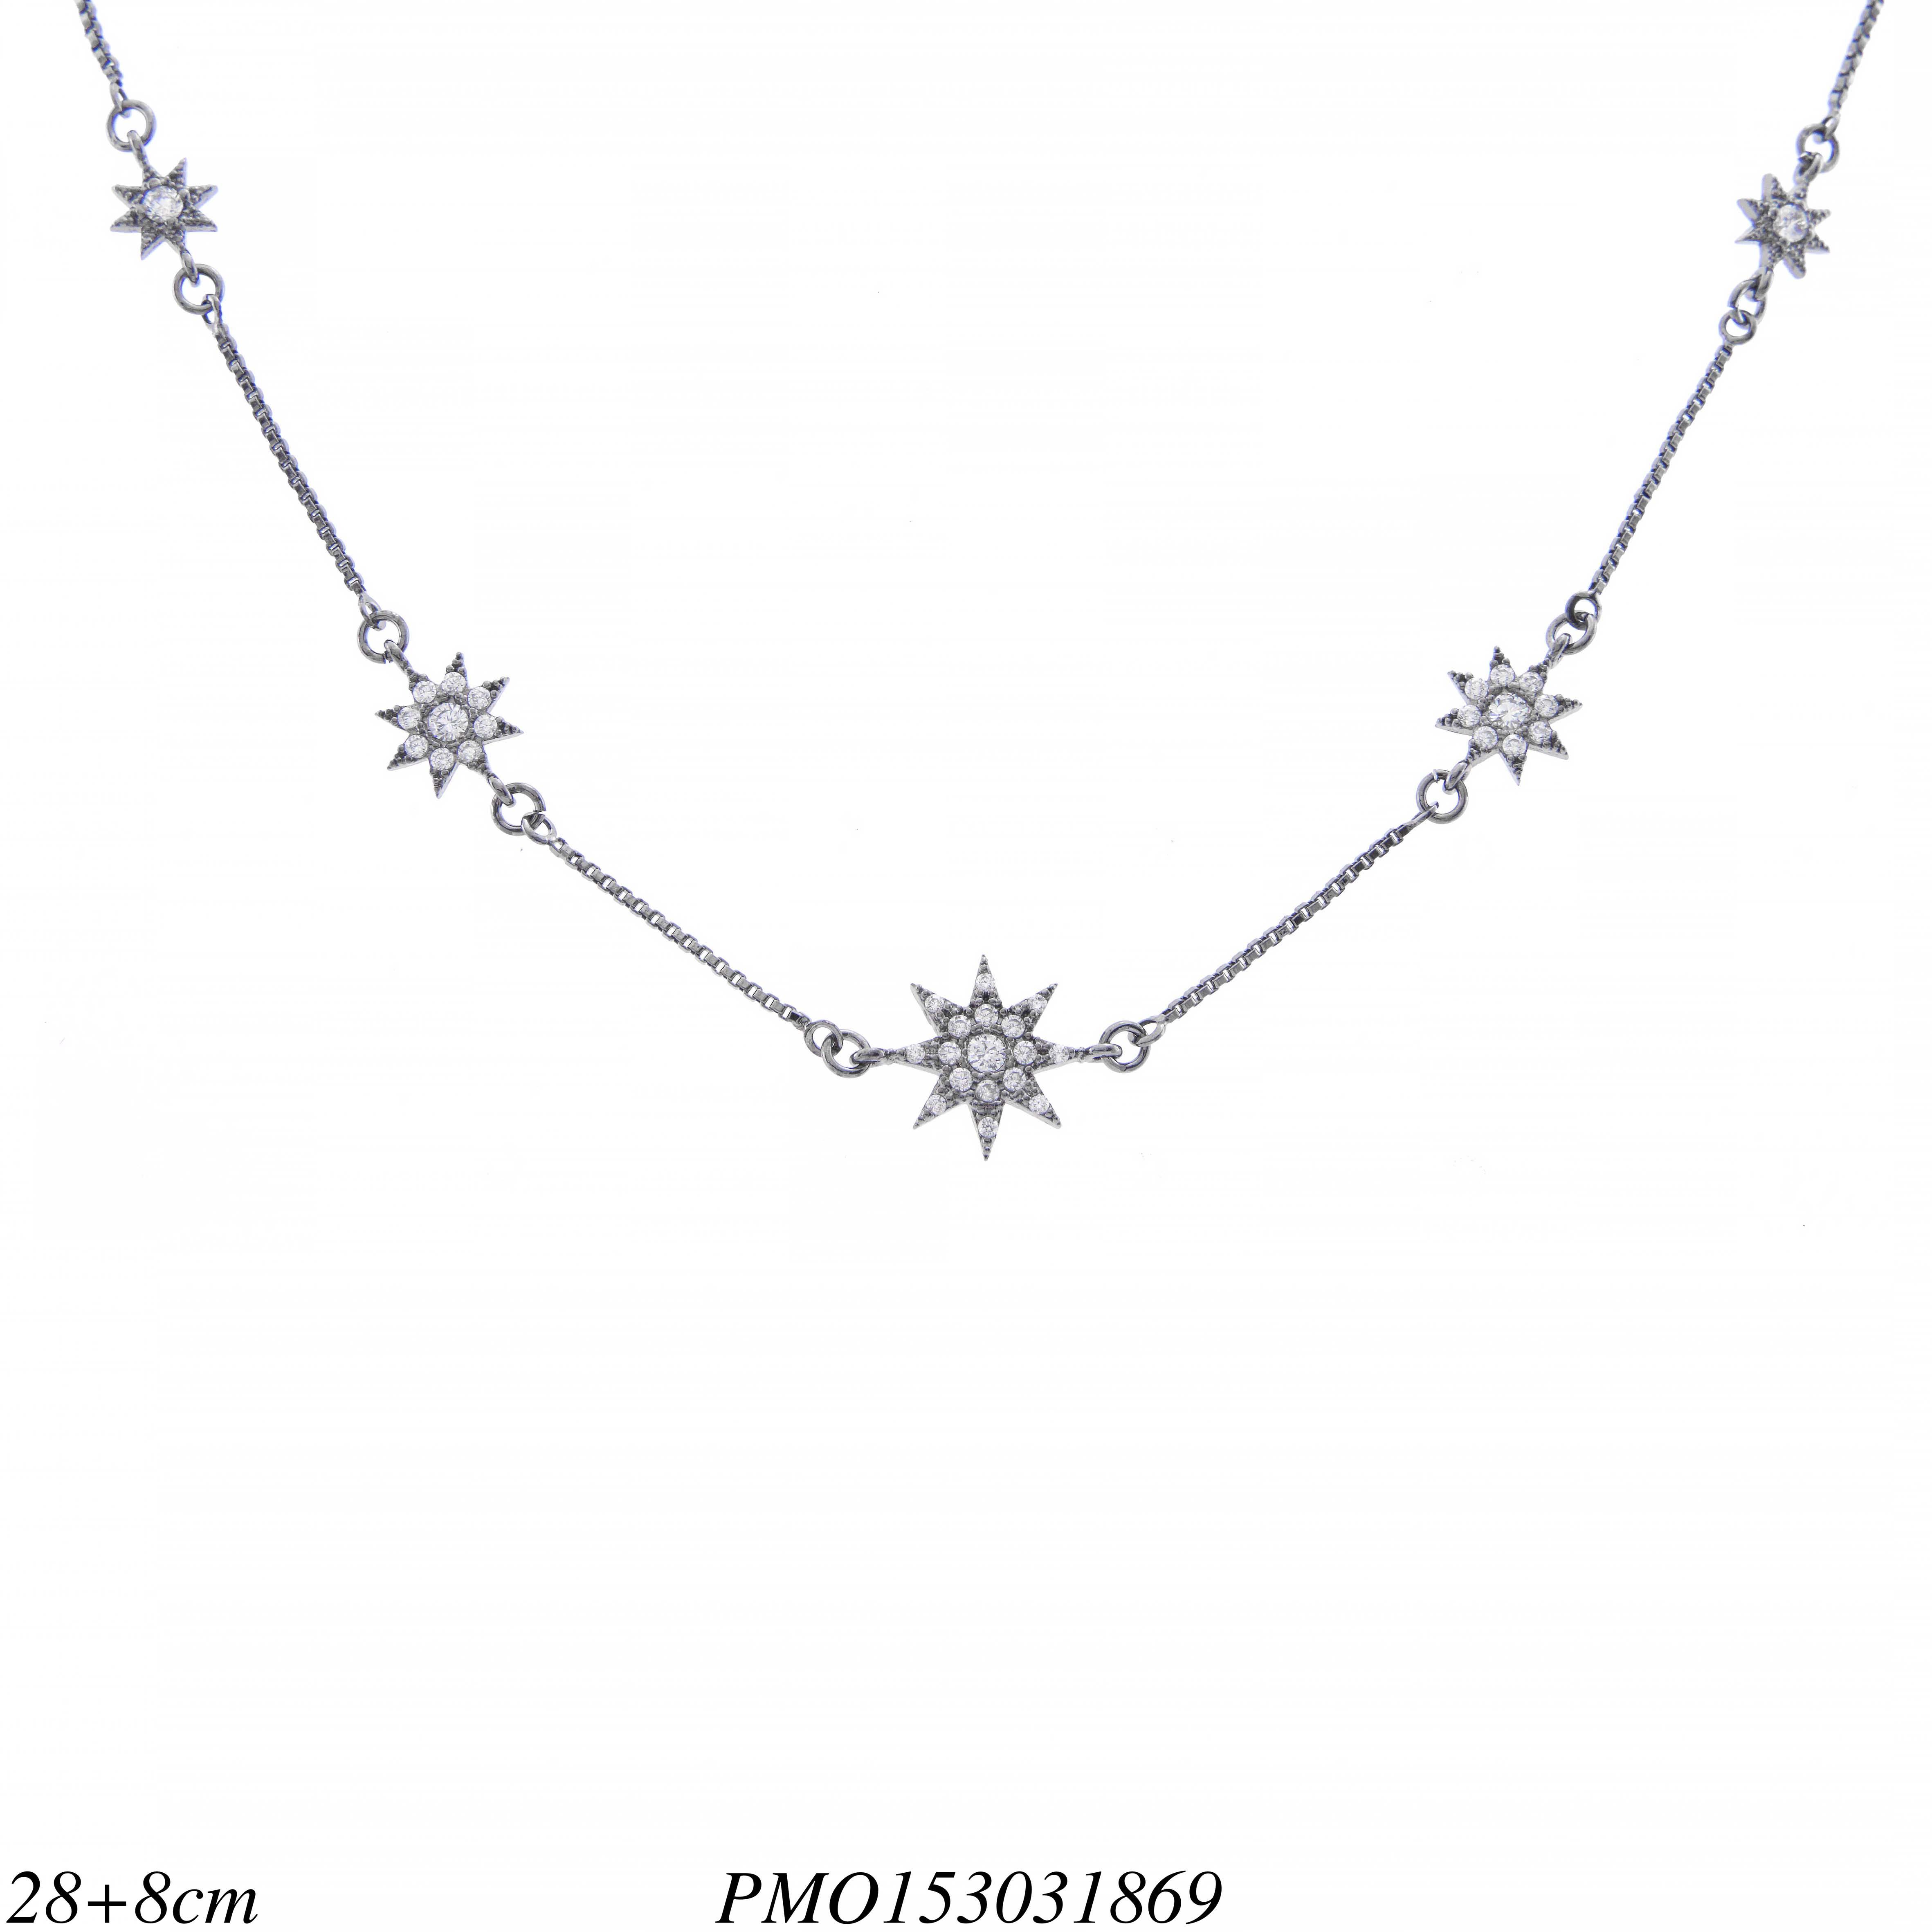 addf3ed39e363 Choker luxo Star com zircônia branca em banho de ródio negro ...